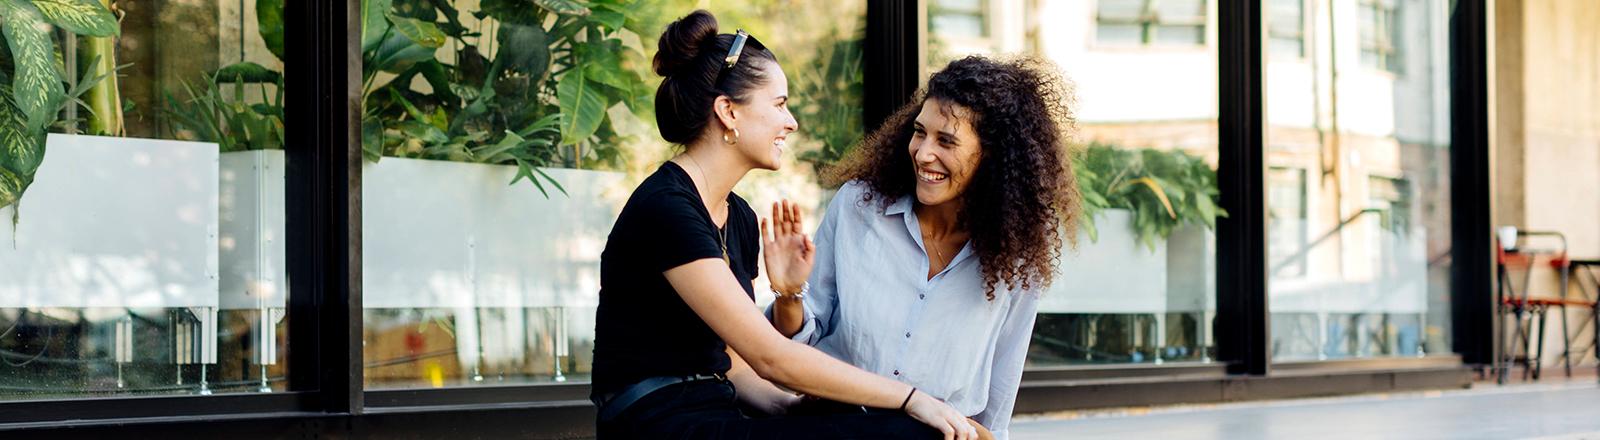 Zwei Frauen sitzen draußen